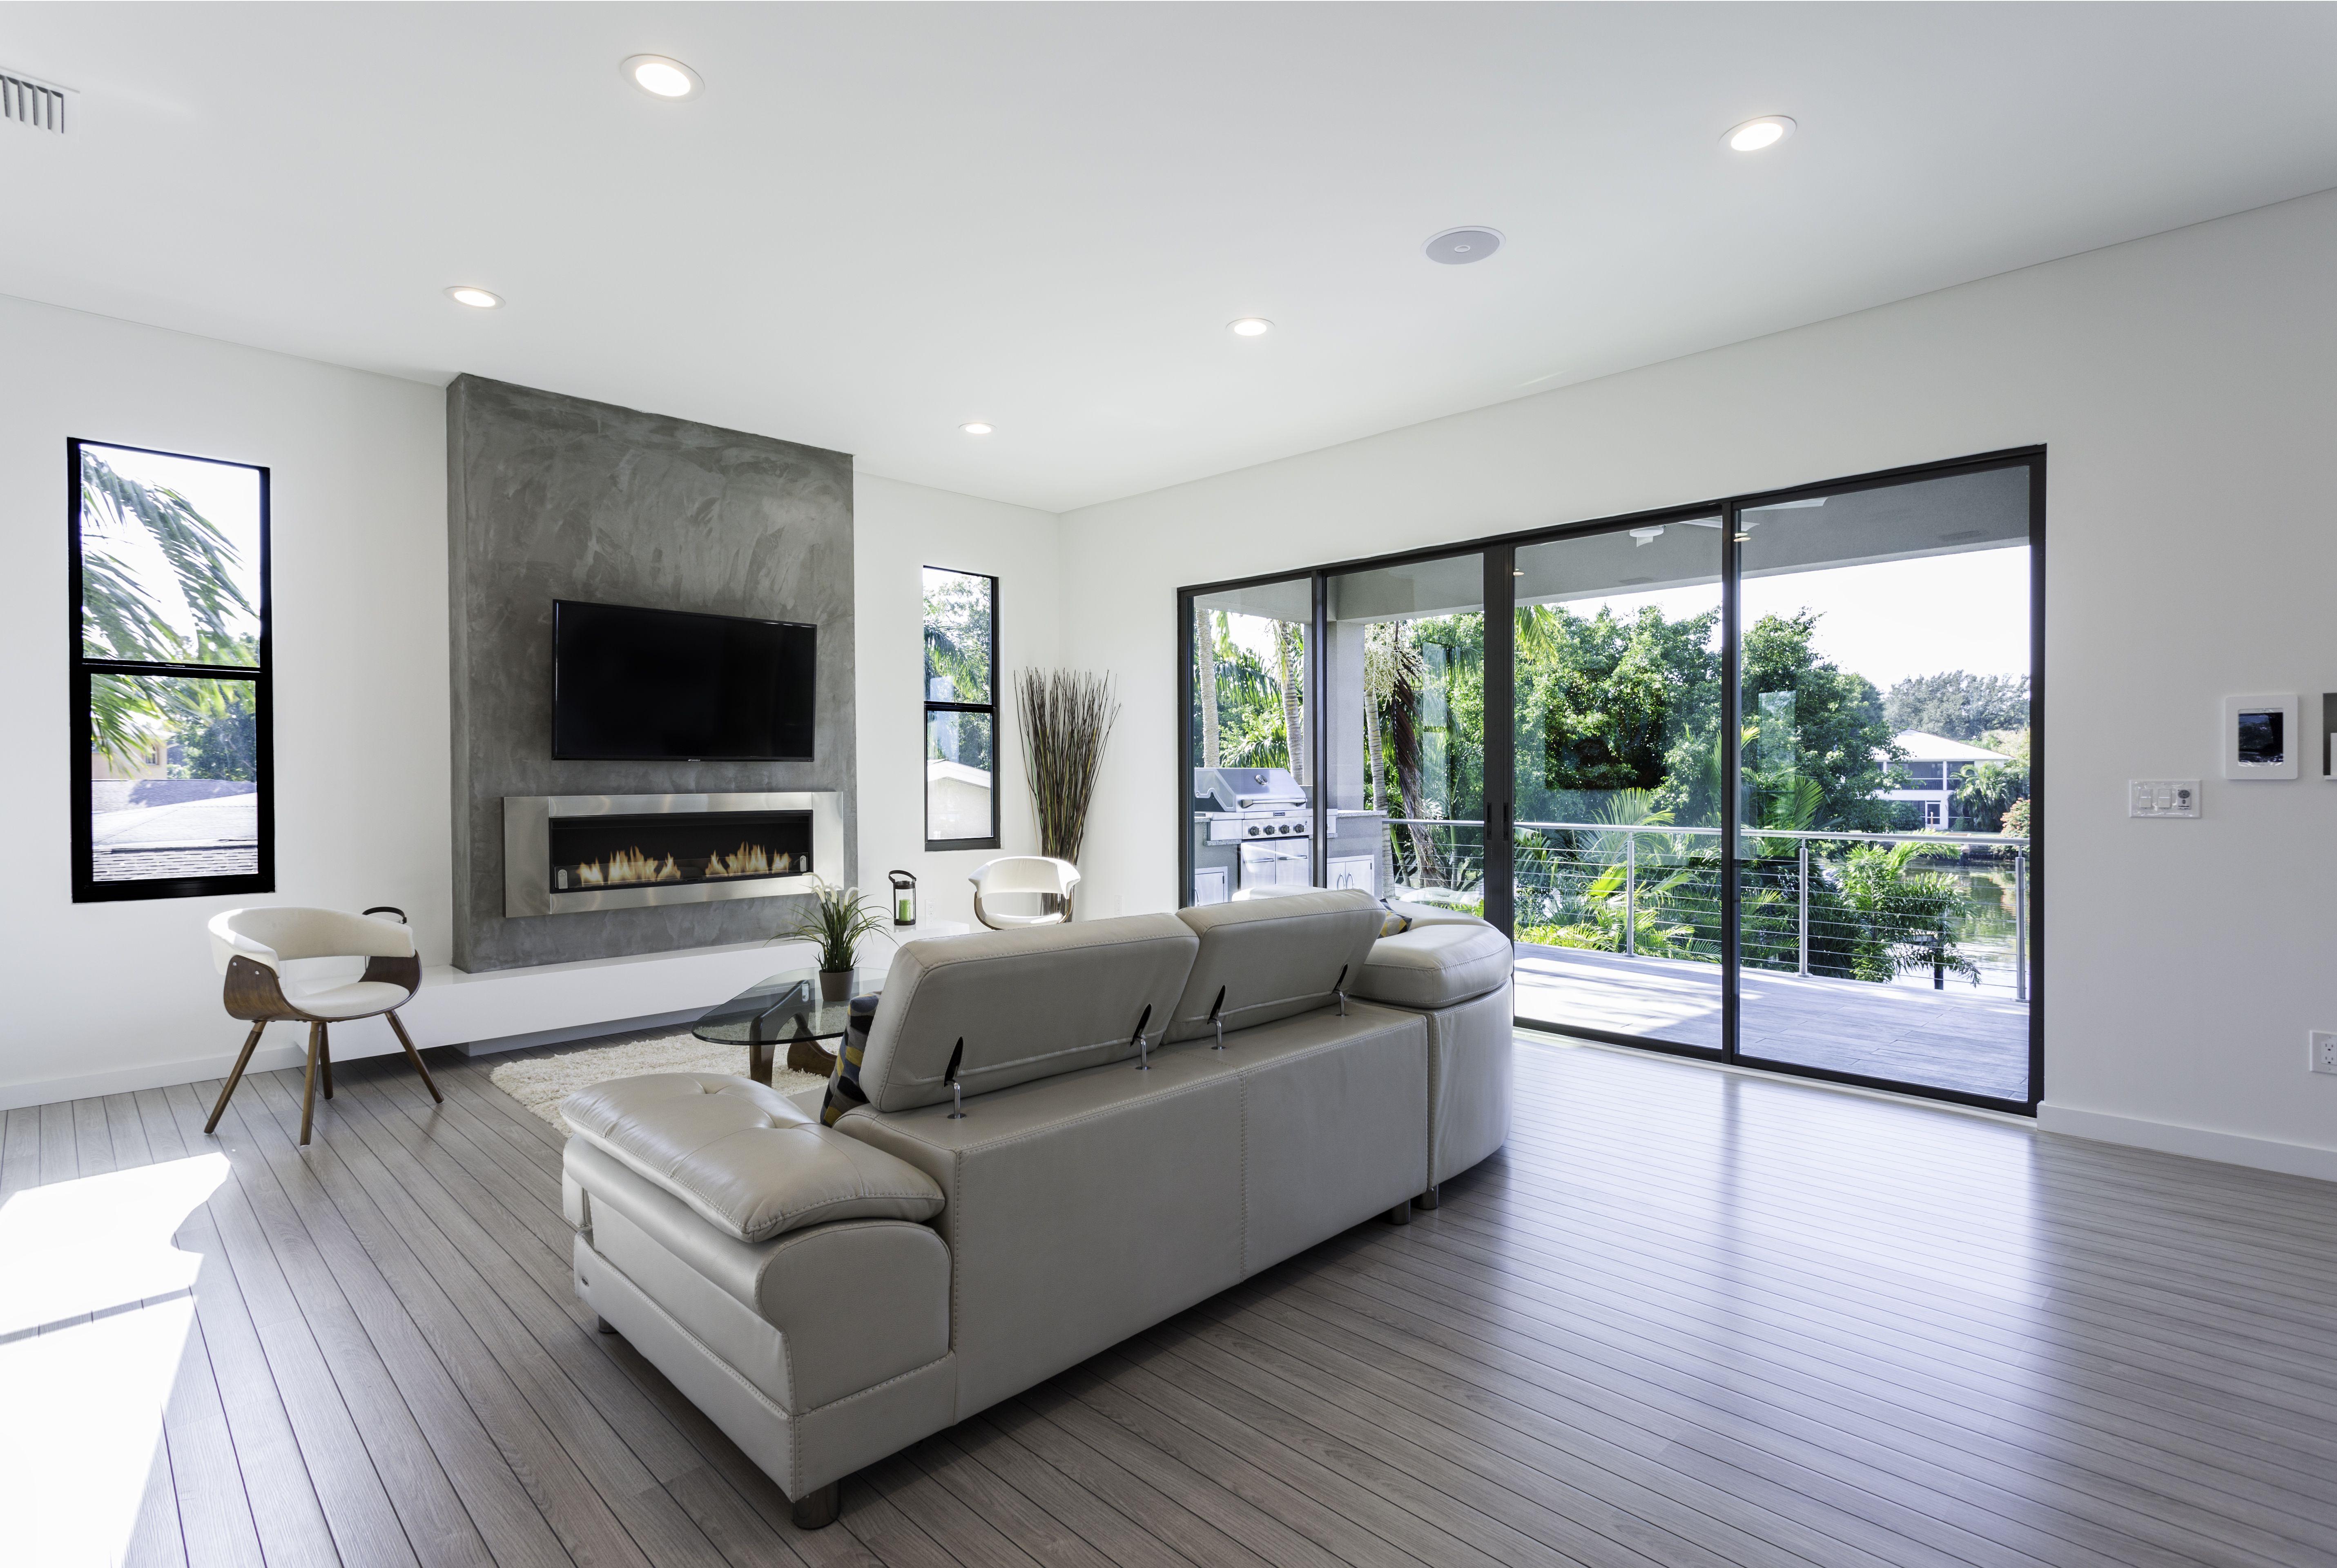 Sumatra Teak   Waterproof flooring, Waterproof laminate ...